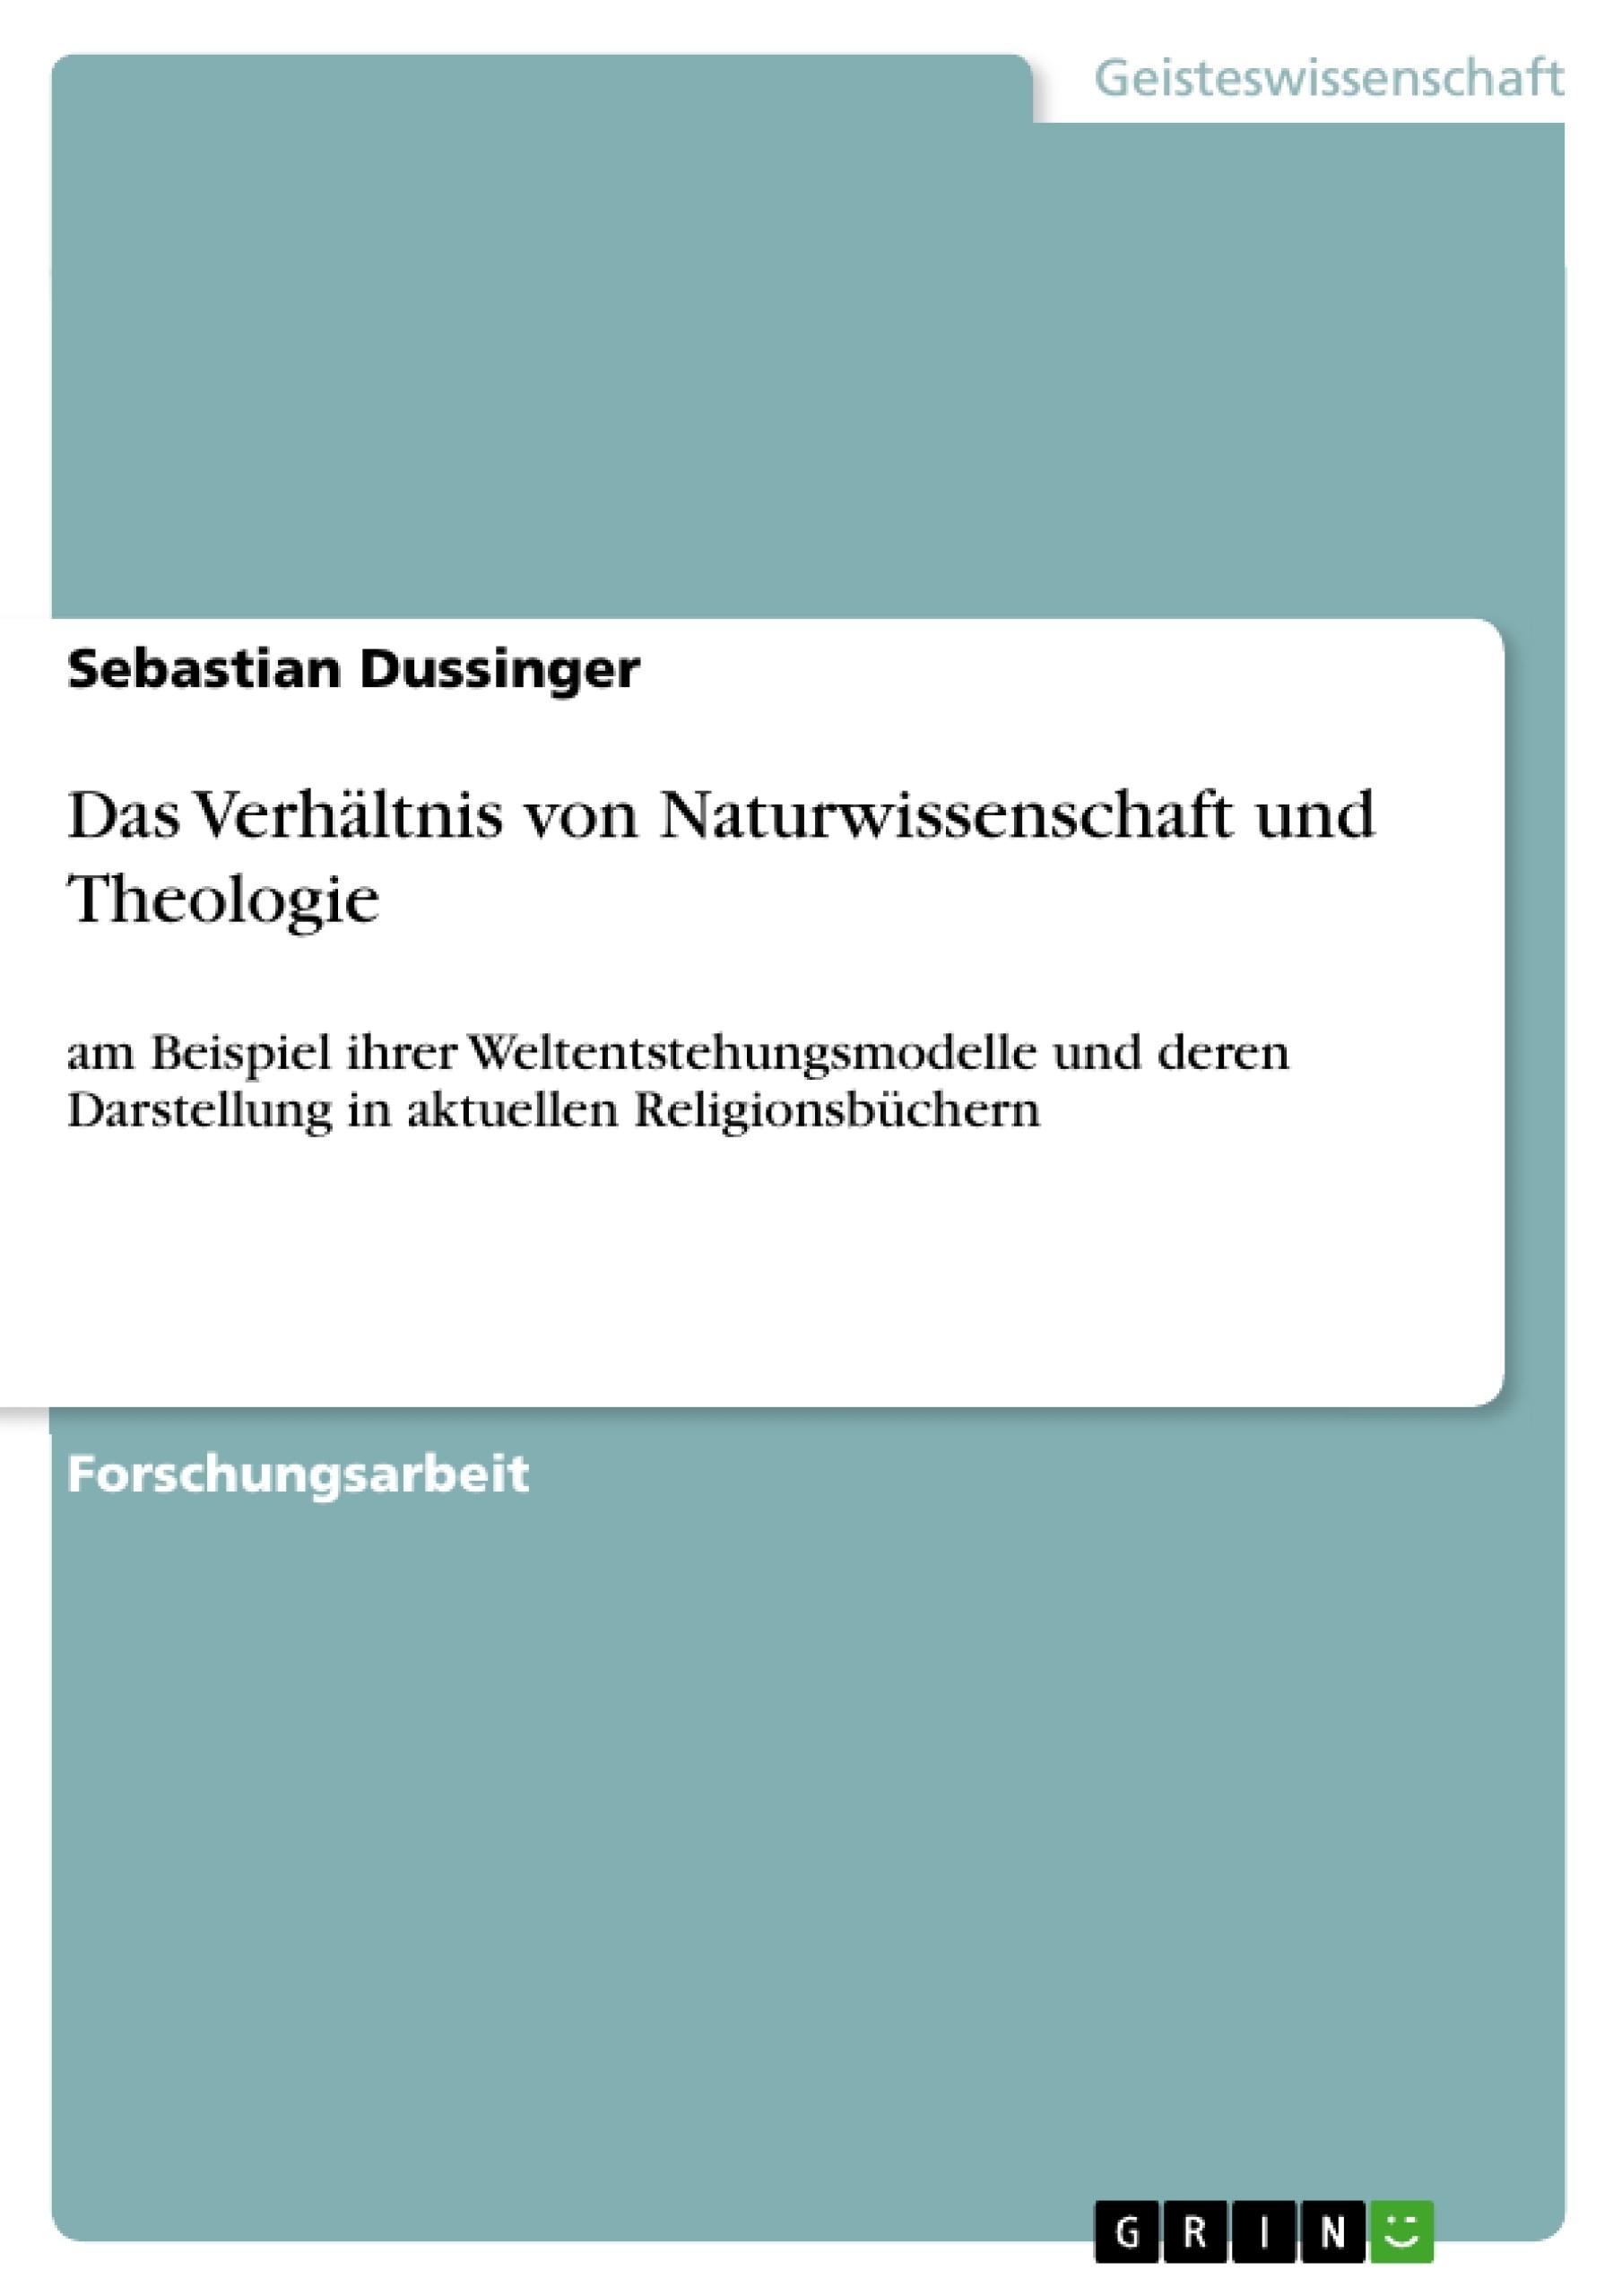 Titel: Das Verhältnis von Naturwissenschaft und Theologie